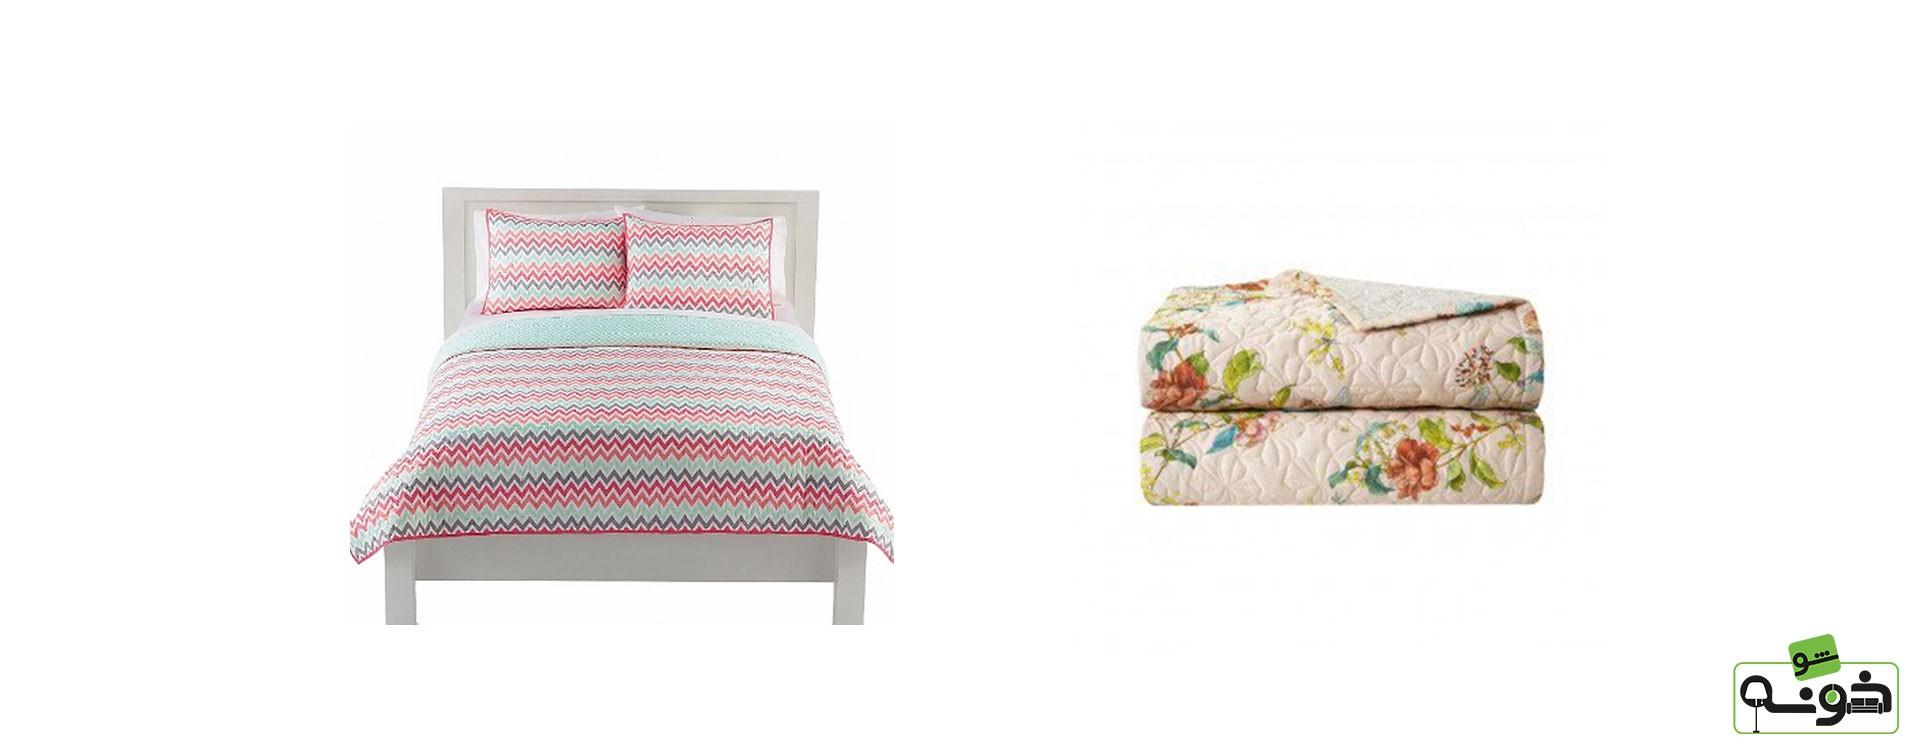 انتخاب روتختی مناسب را در زیبایی دکوراسیون اتاق خواب نادیده نگیرید